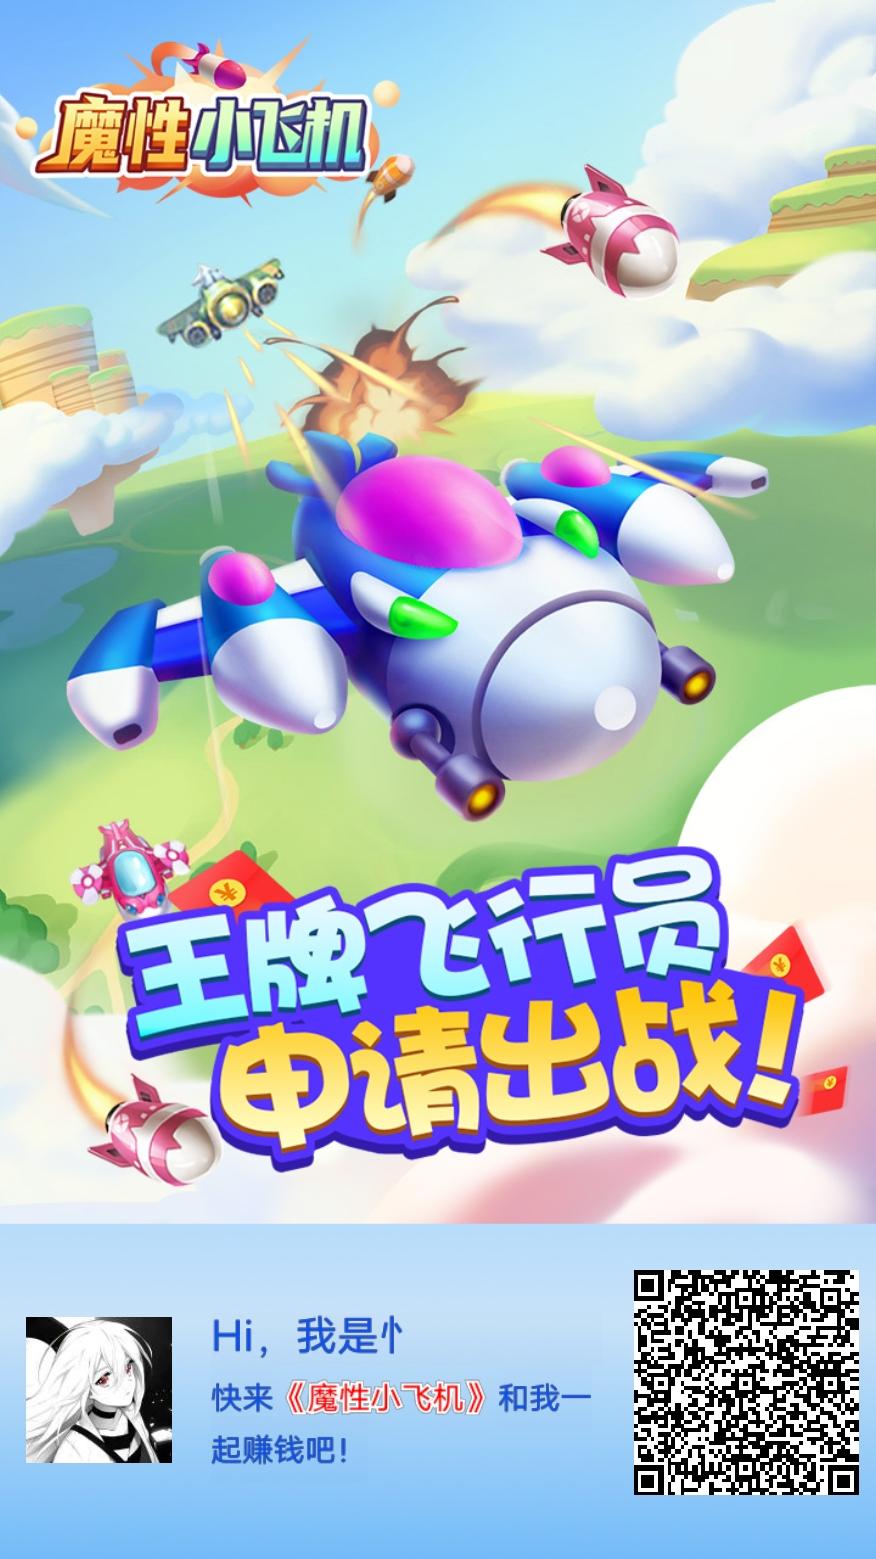 图片[2]-魔性小飞机!一广告3毛一天撸10+-首码社